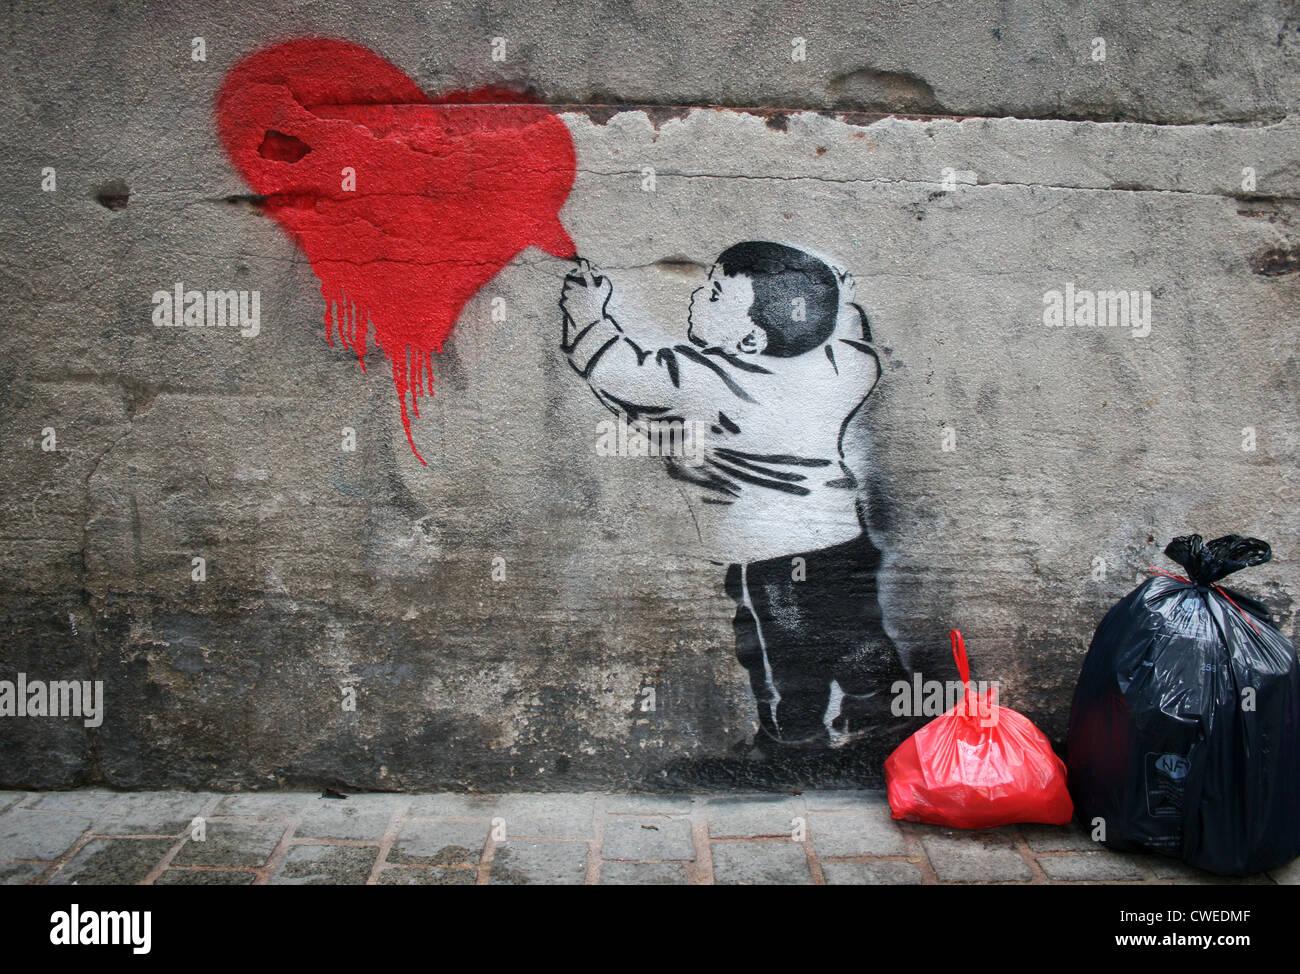 Cuore,la spruzzatura,graffiti,streetart Foto Stock